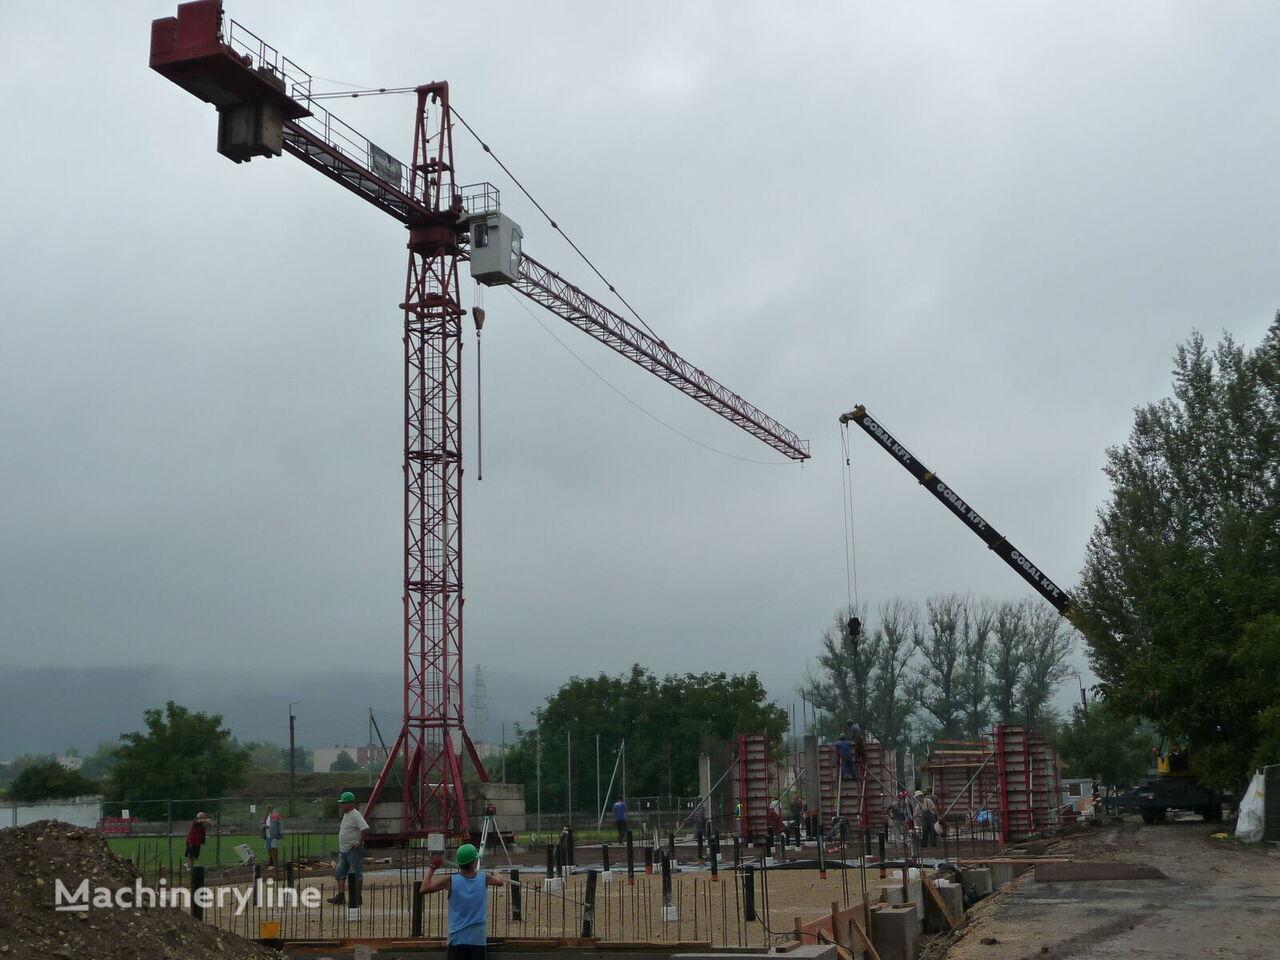 WOLFF WK-122SL tower crane